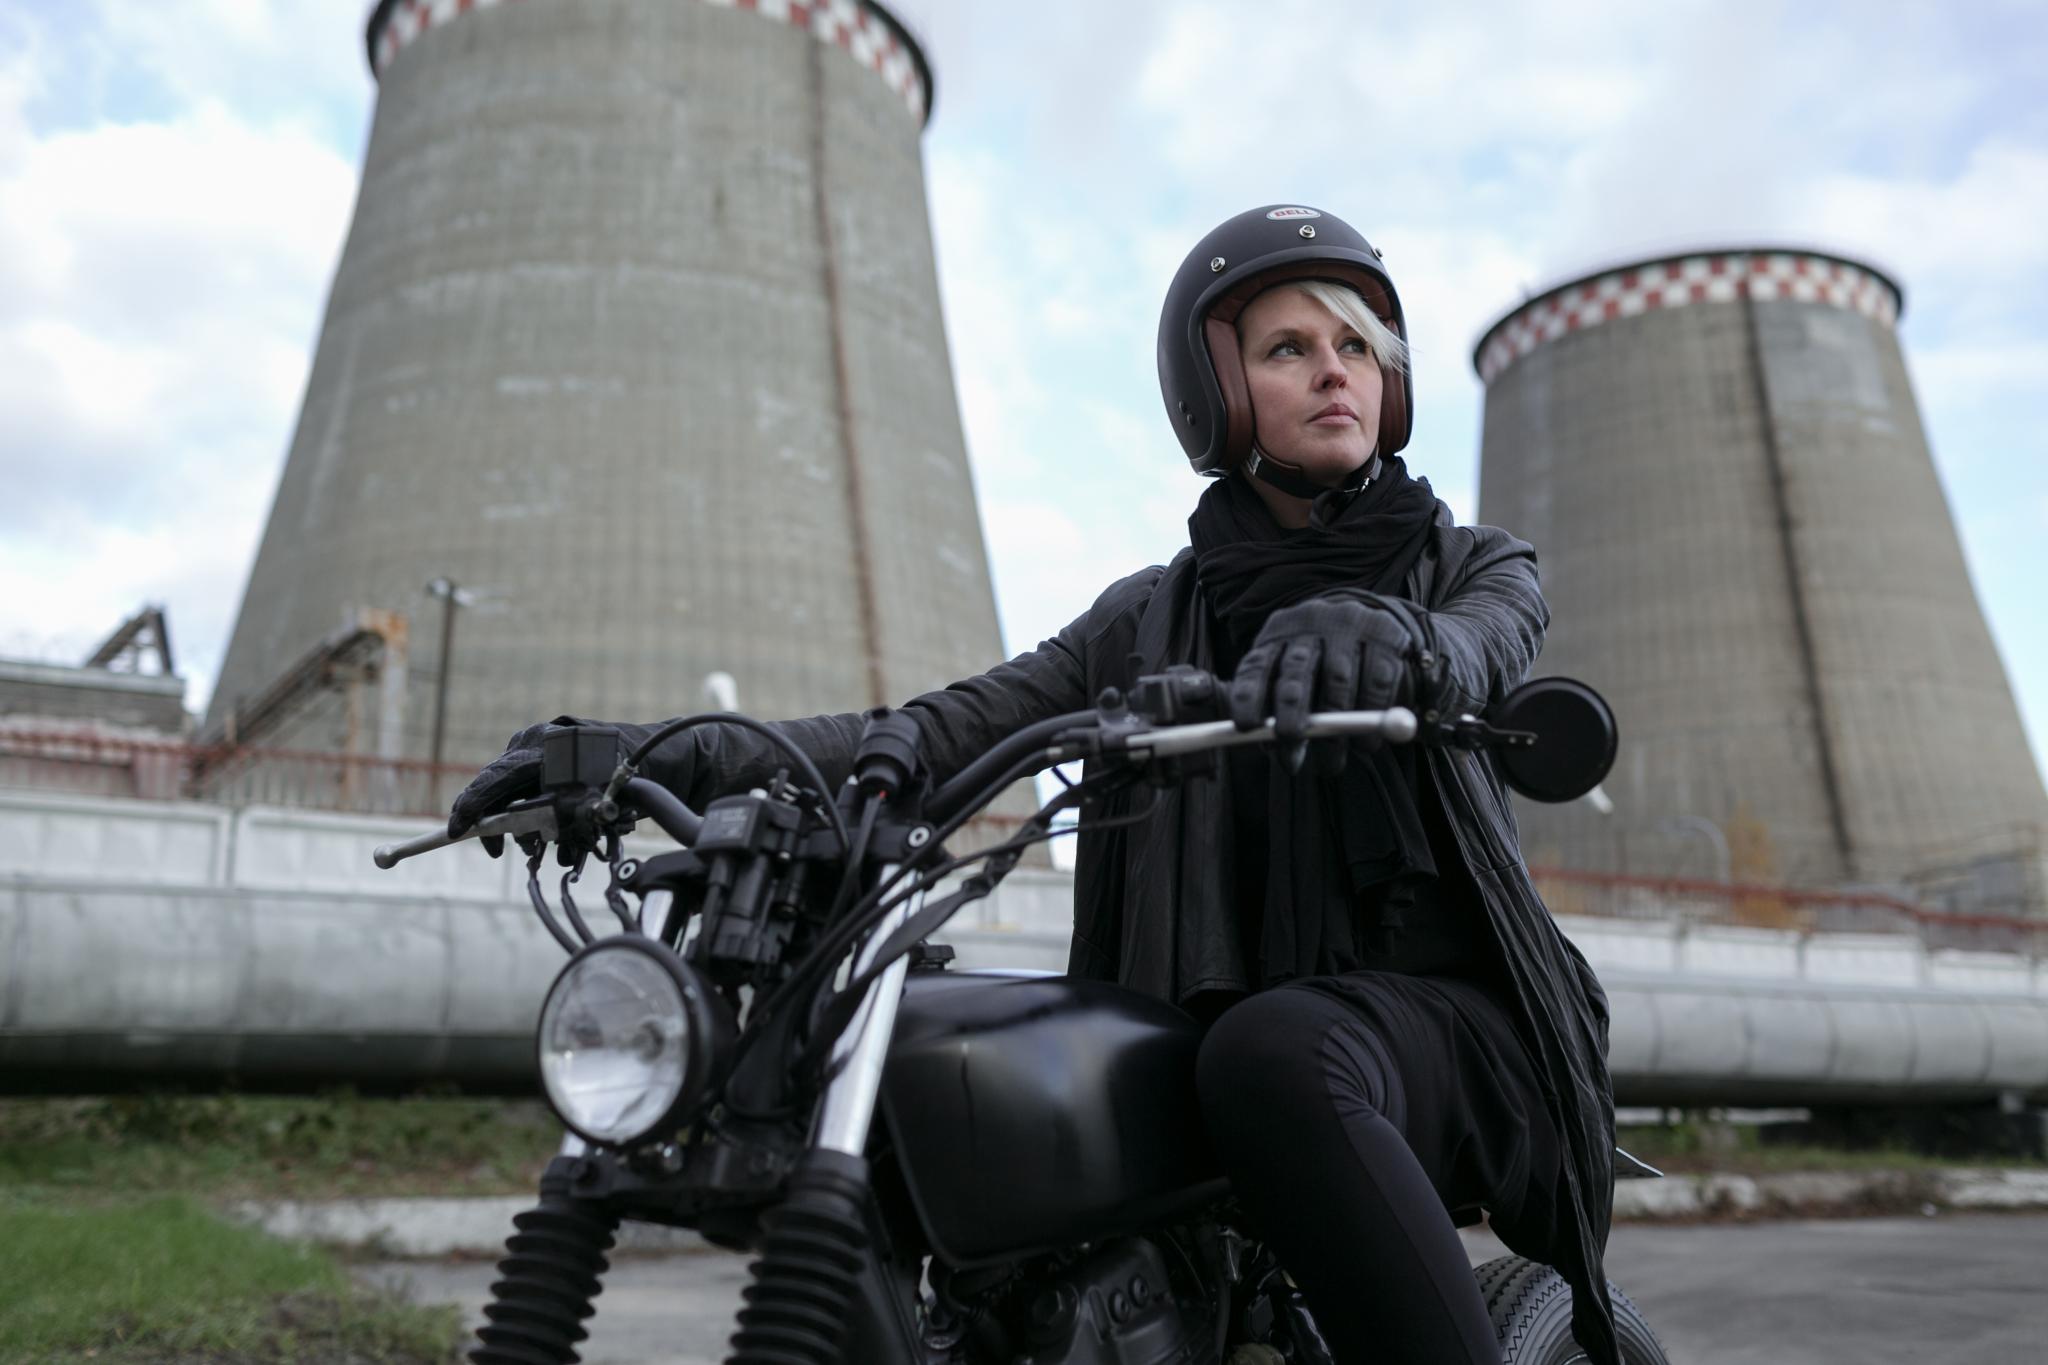 Девушка на мотоцикле в пробке фото